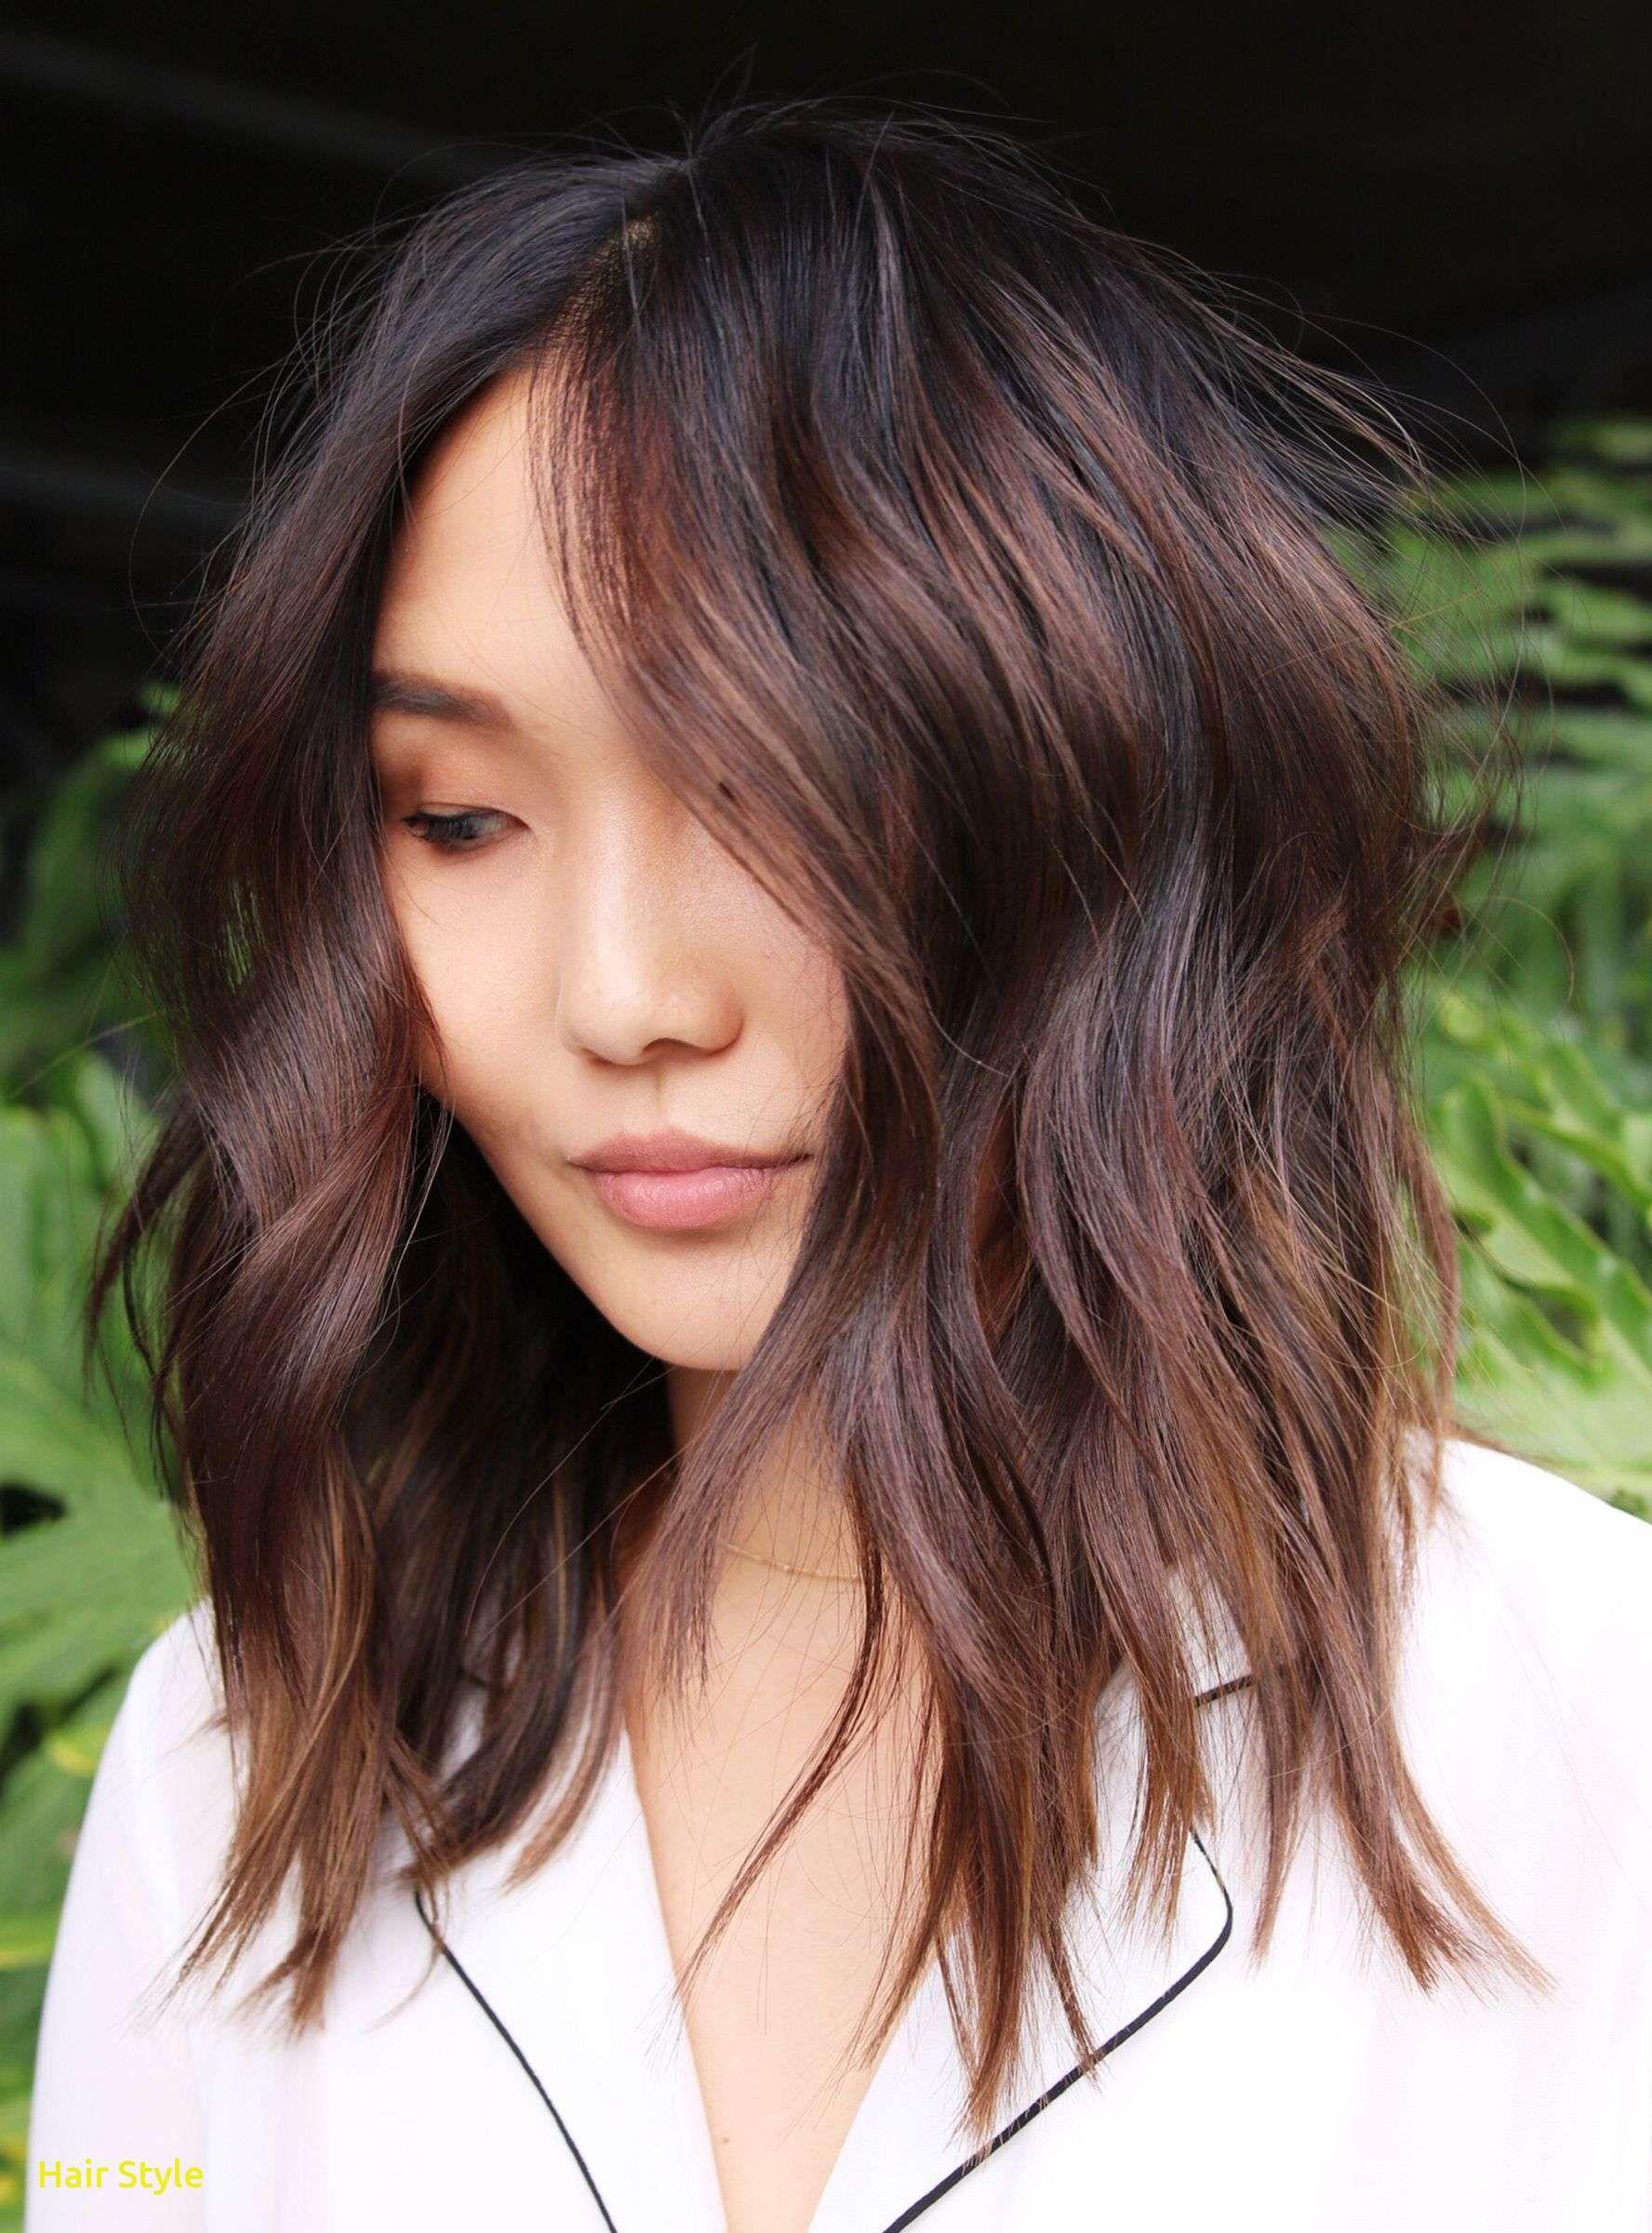 Inspirierende Haarschnitt Frauen Sommer 2019 Haare Trends